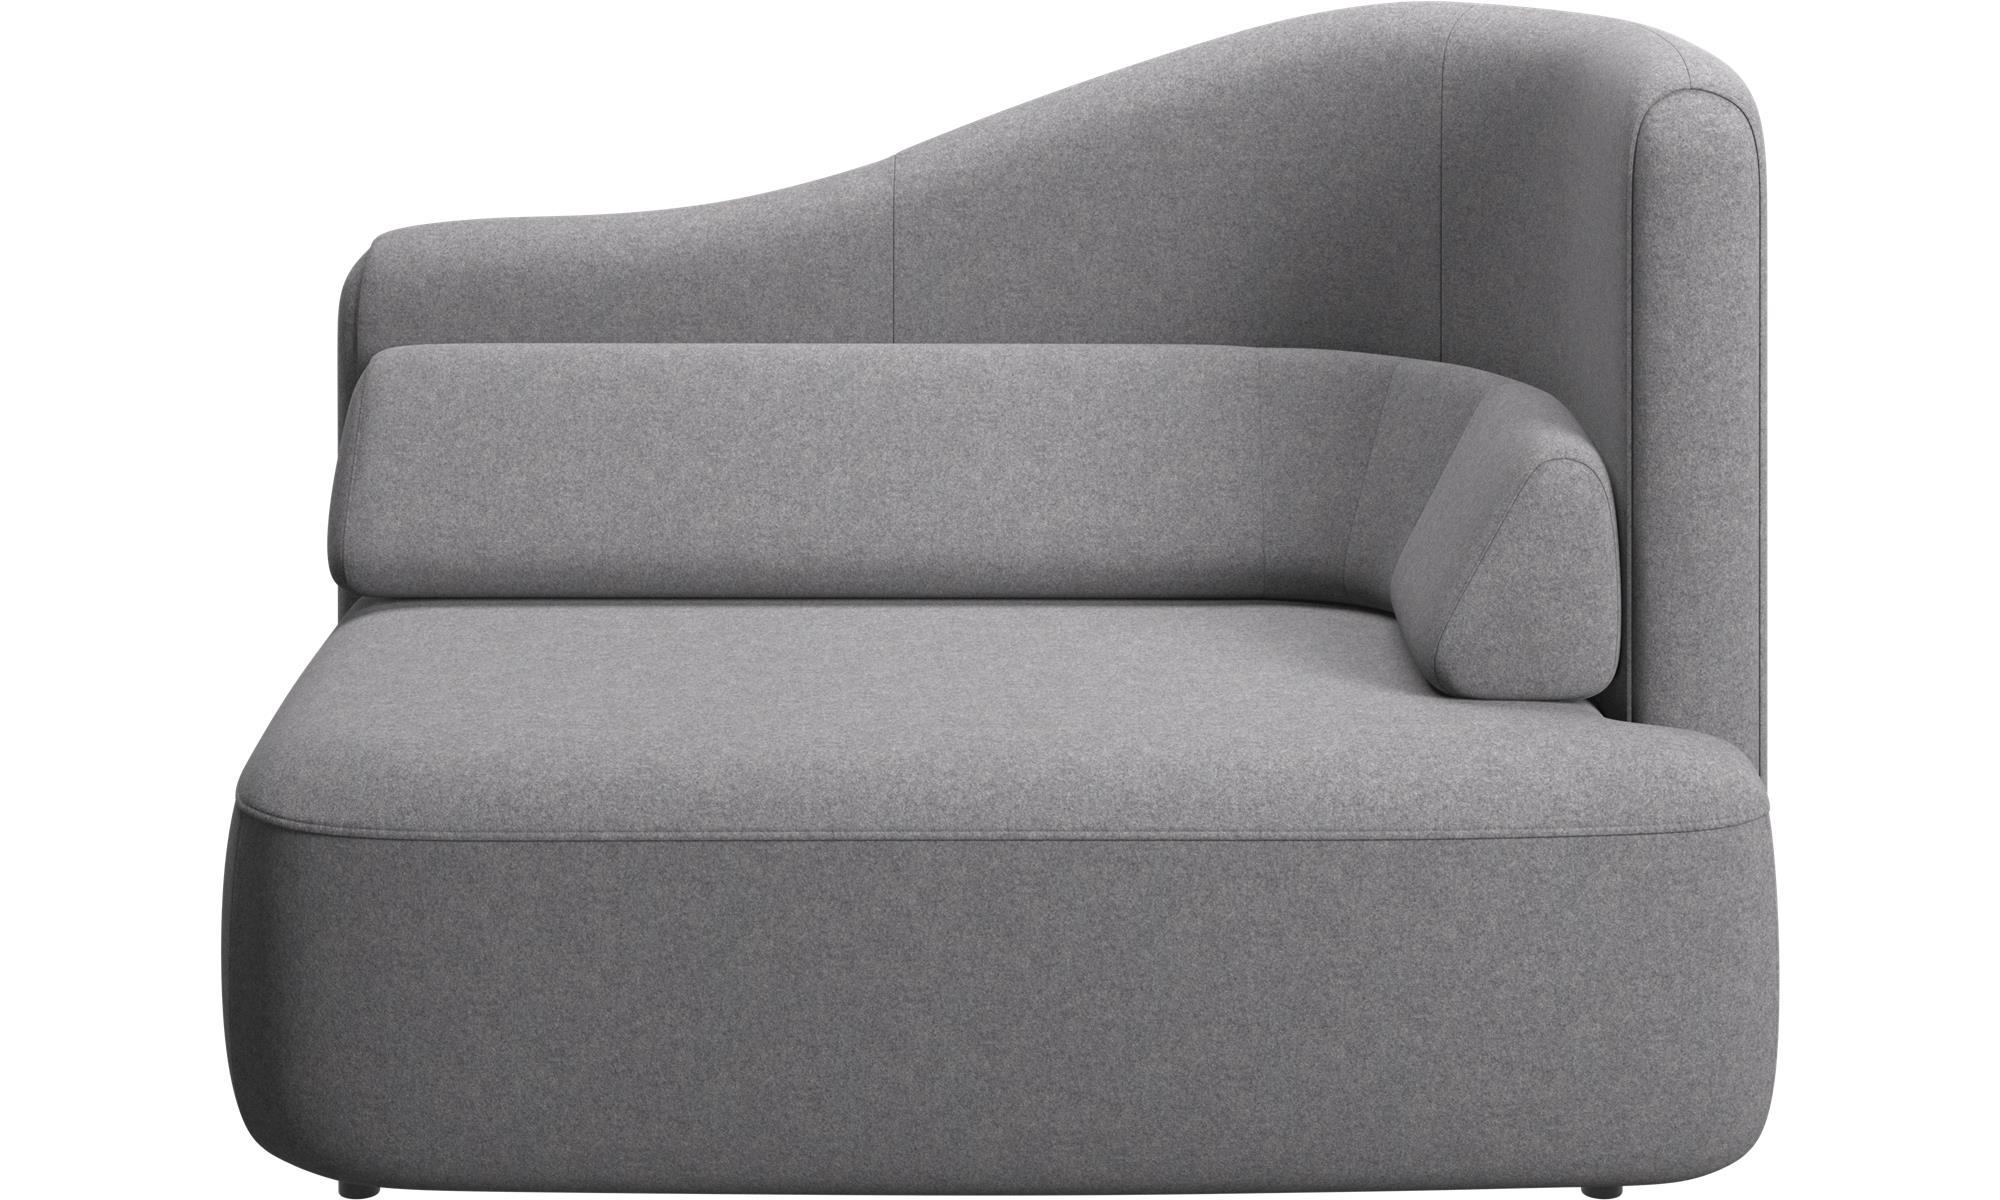 Modulære sofaer - Ottawa 1,5 personers højre armlæn - Grå - Stof